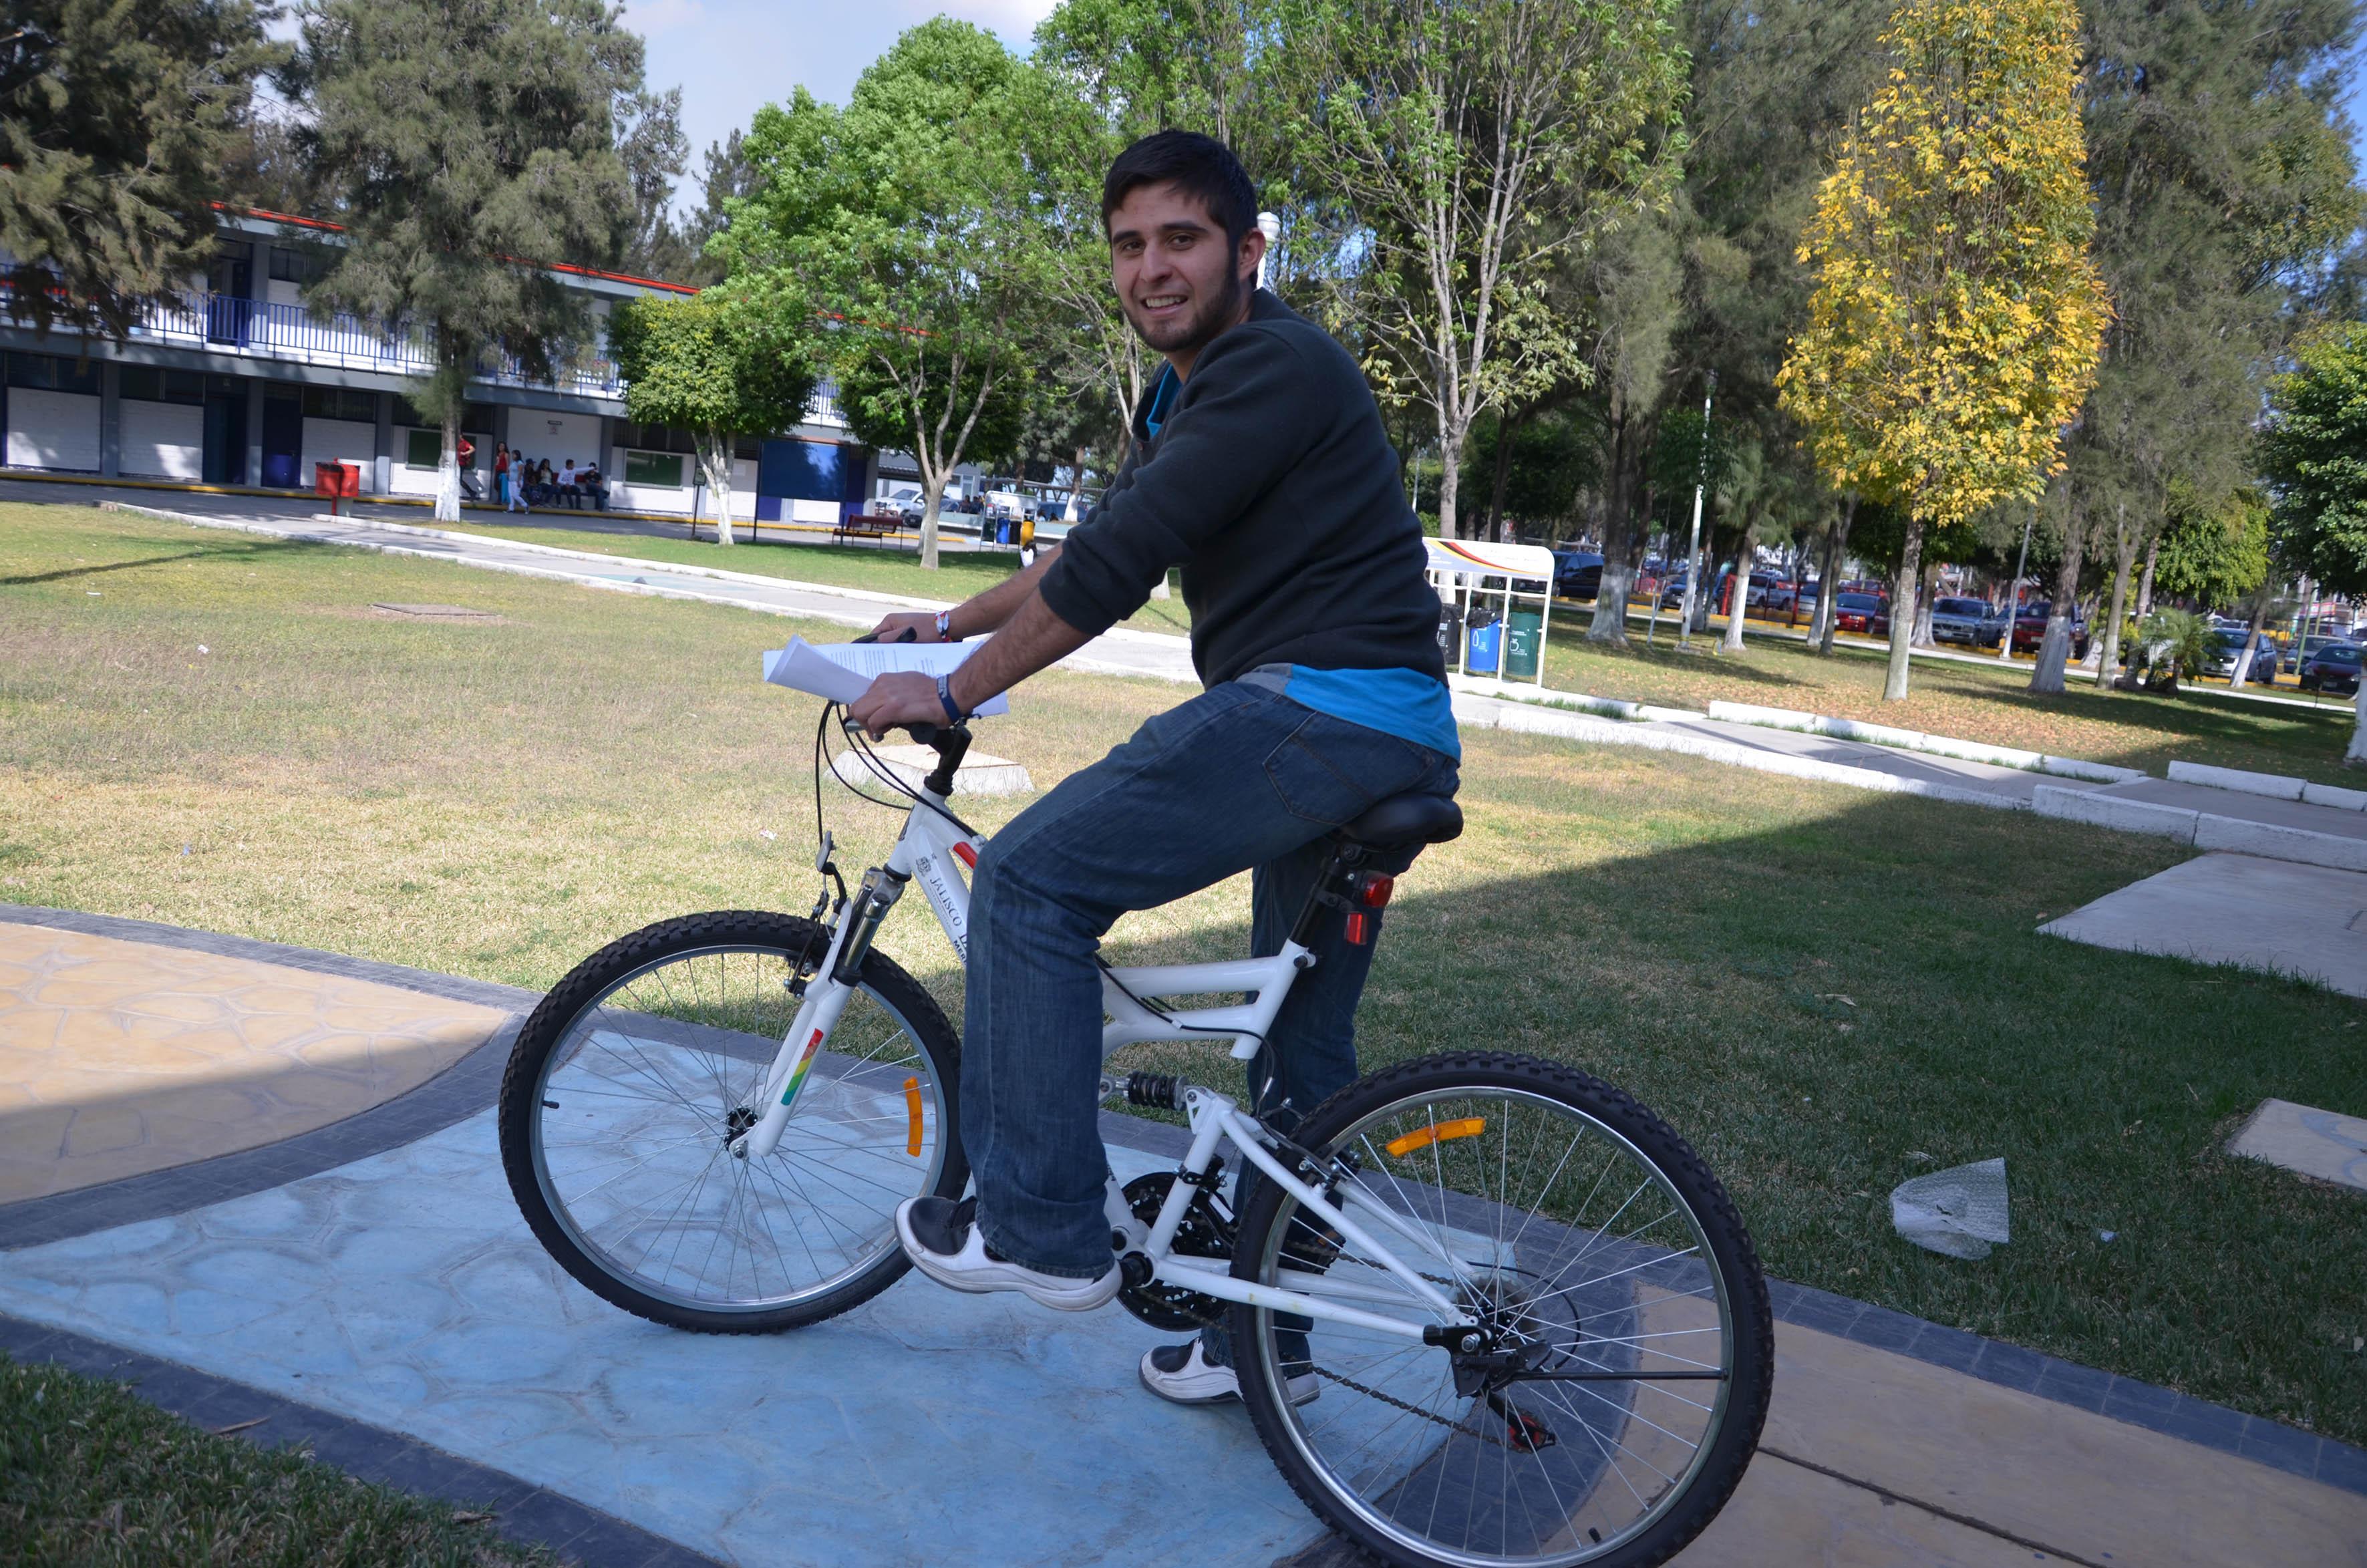 Estudiante montado en bicicleta